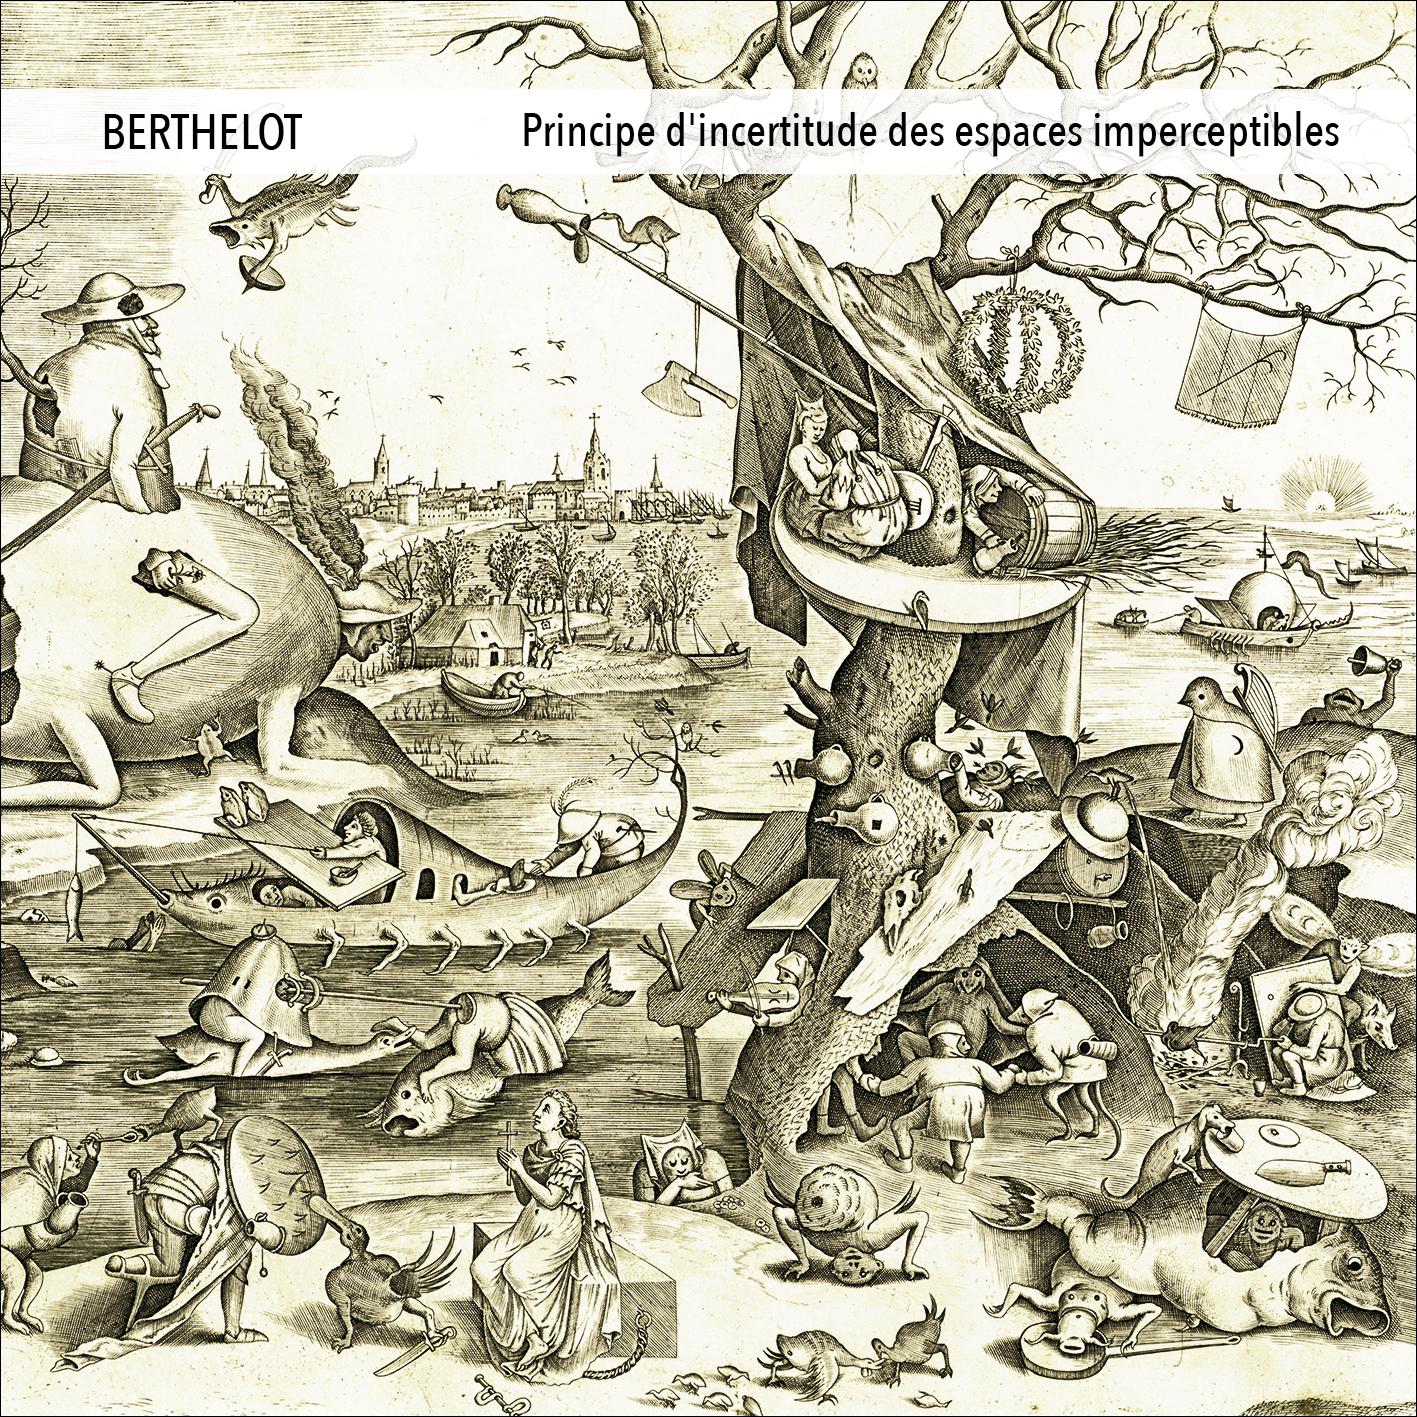 BERTHELOT – Principe d'incertitude des espaces imperceptibles